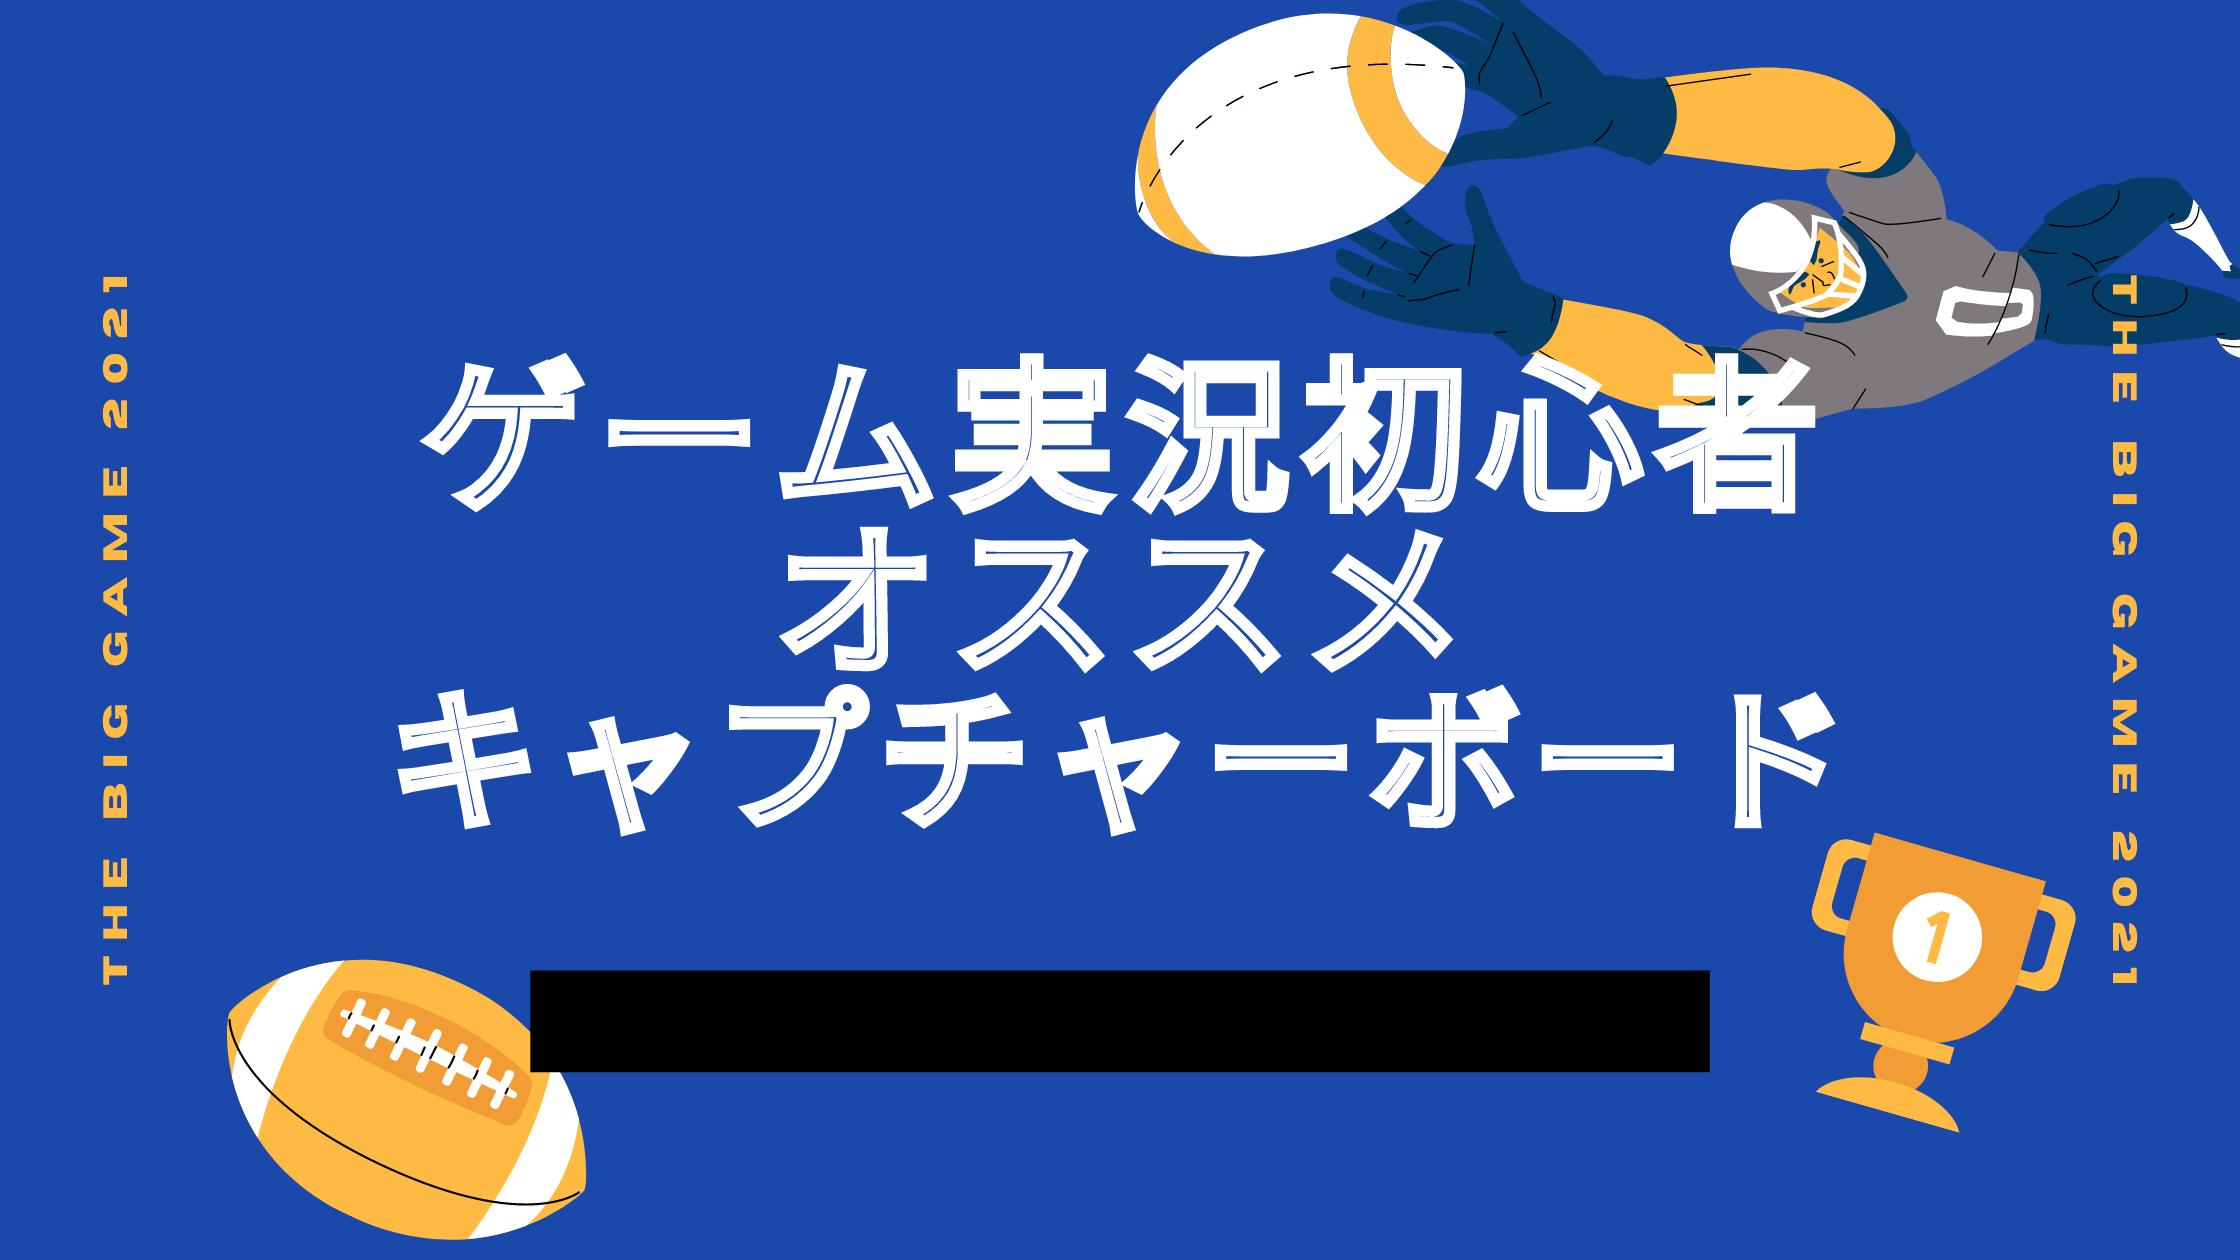 ゲーム実況初心者おすすめキャプチャーボード